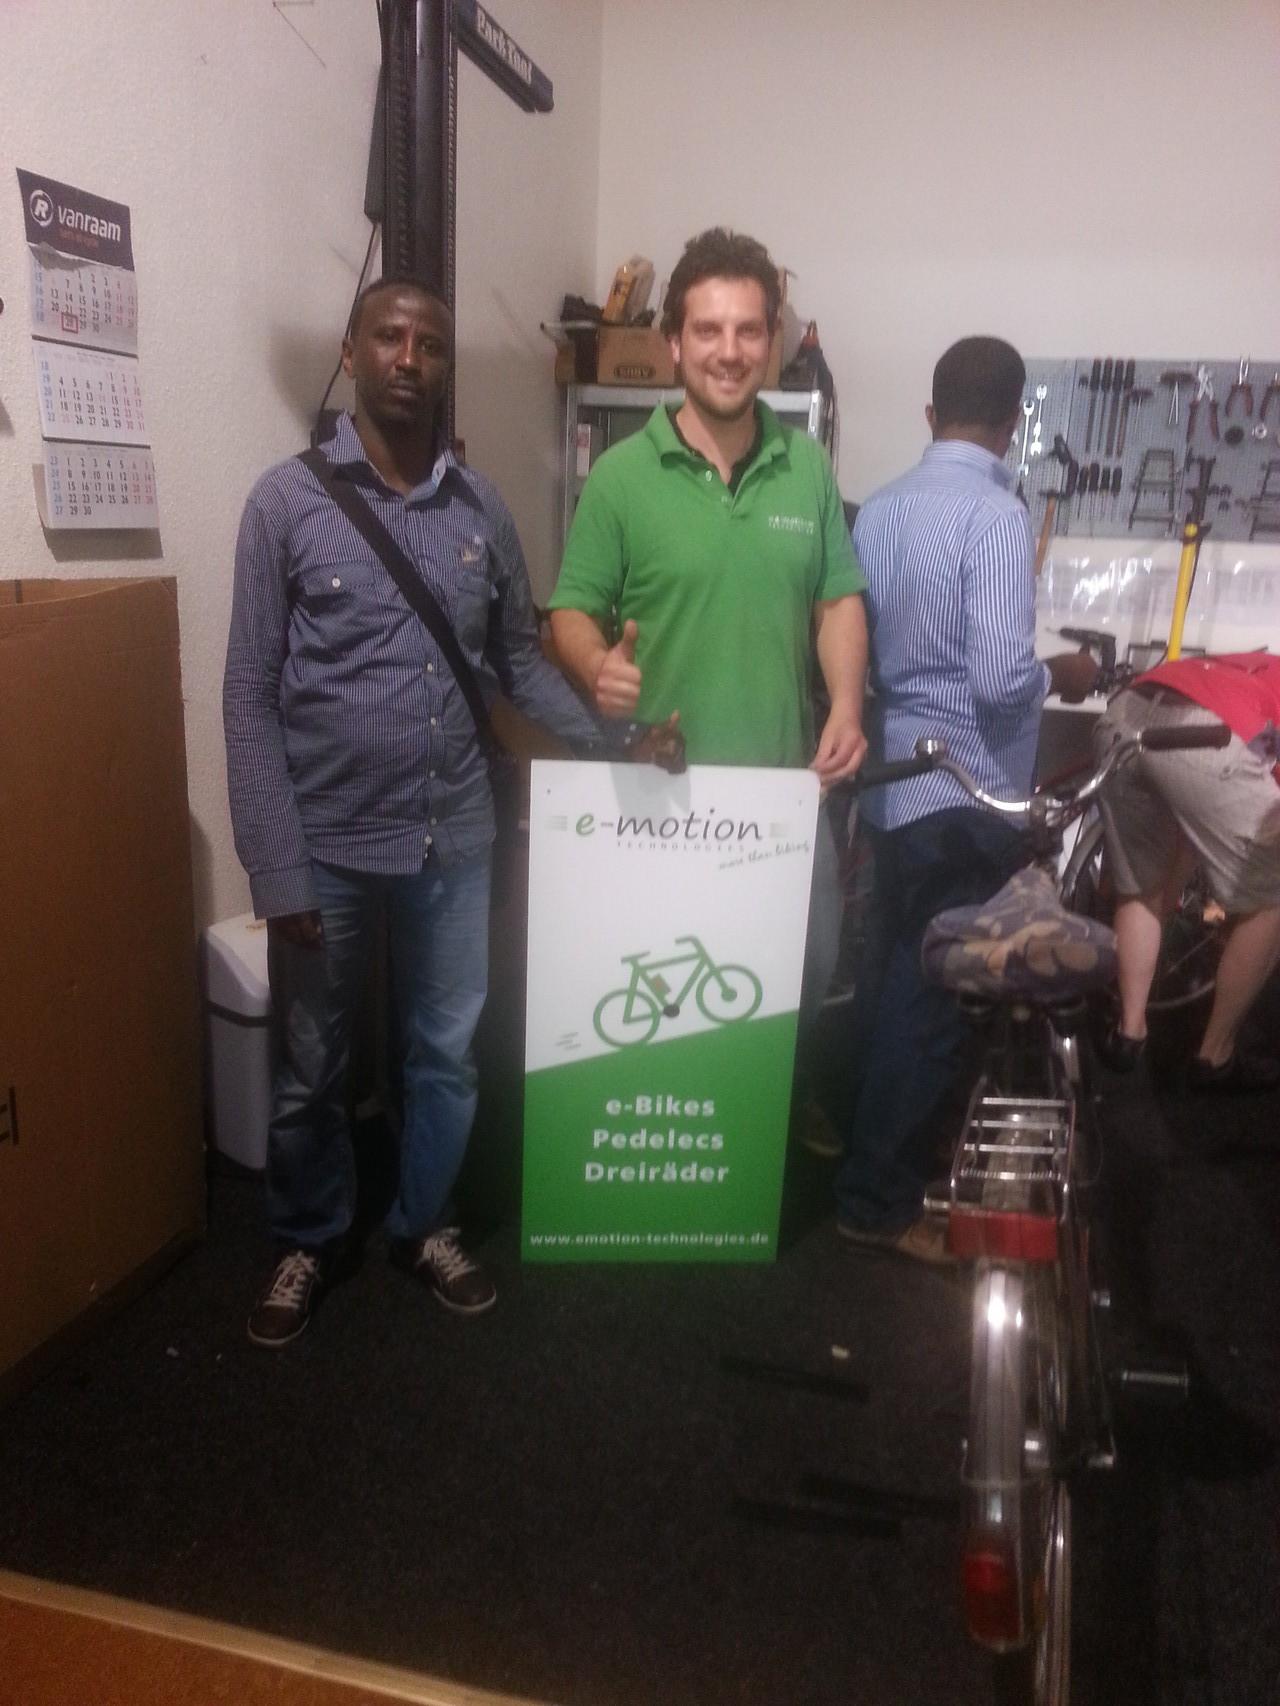 Fahrräder für Flüchtlinge – Eine Spendenaktion in Worms